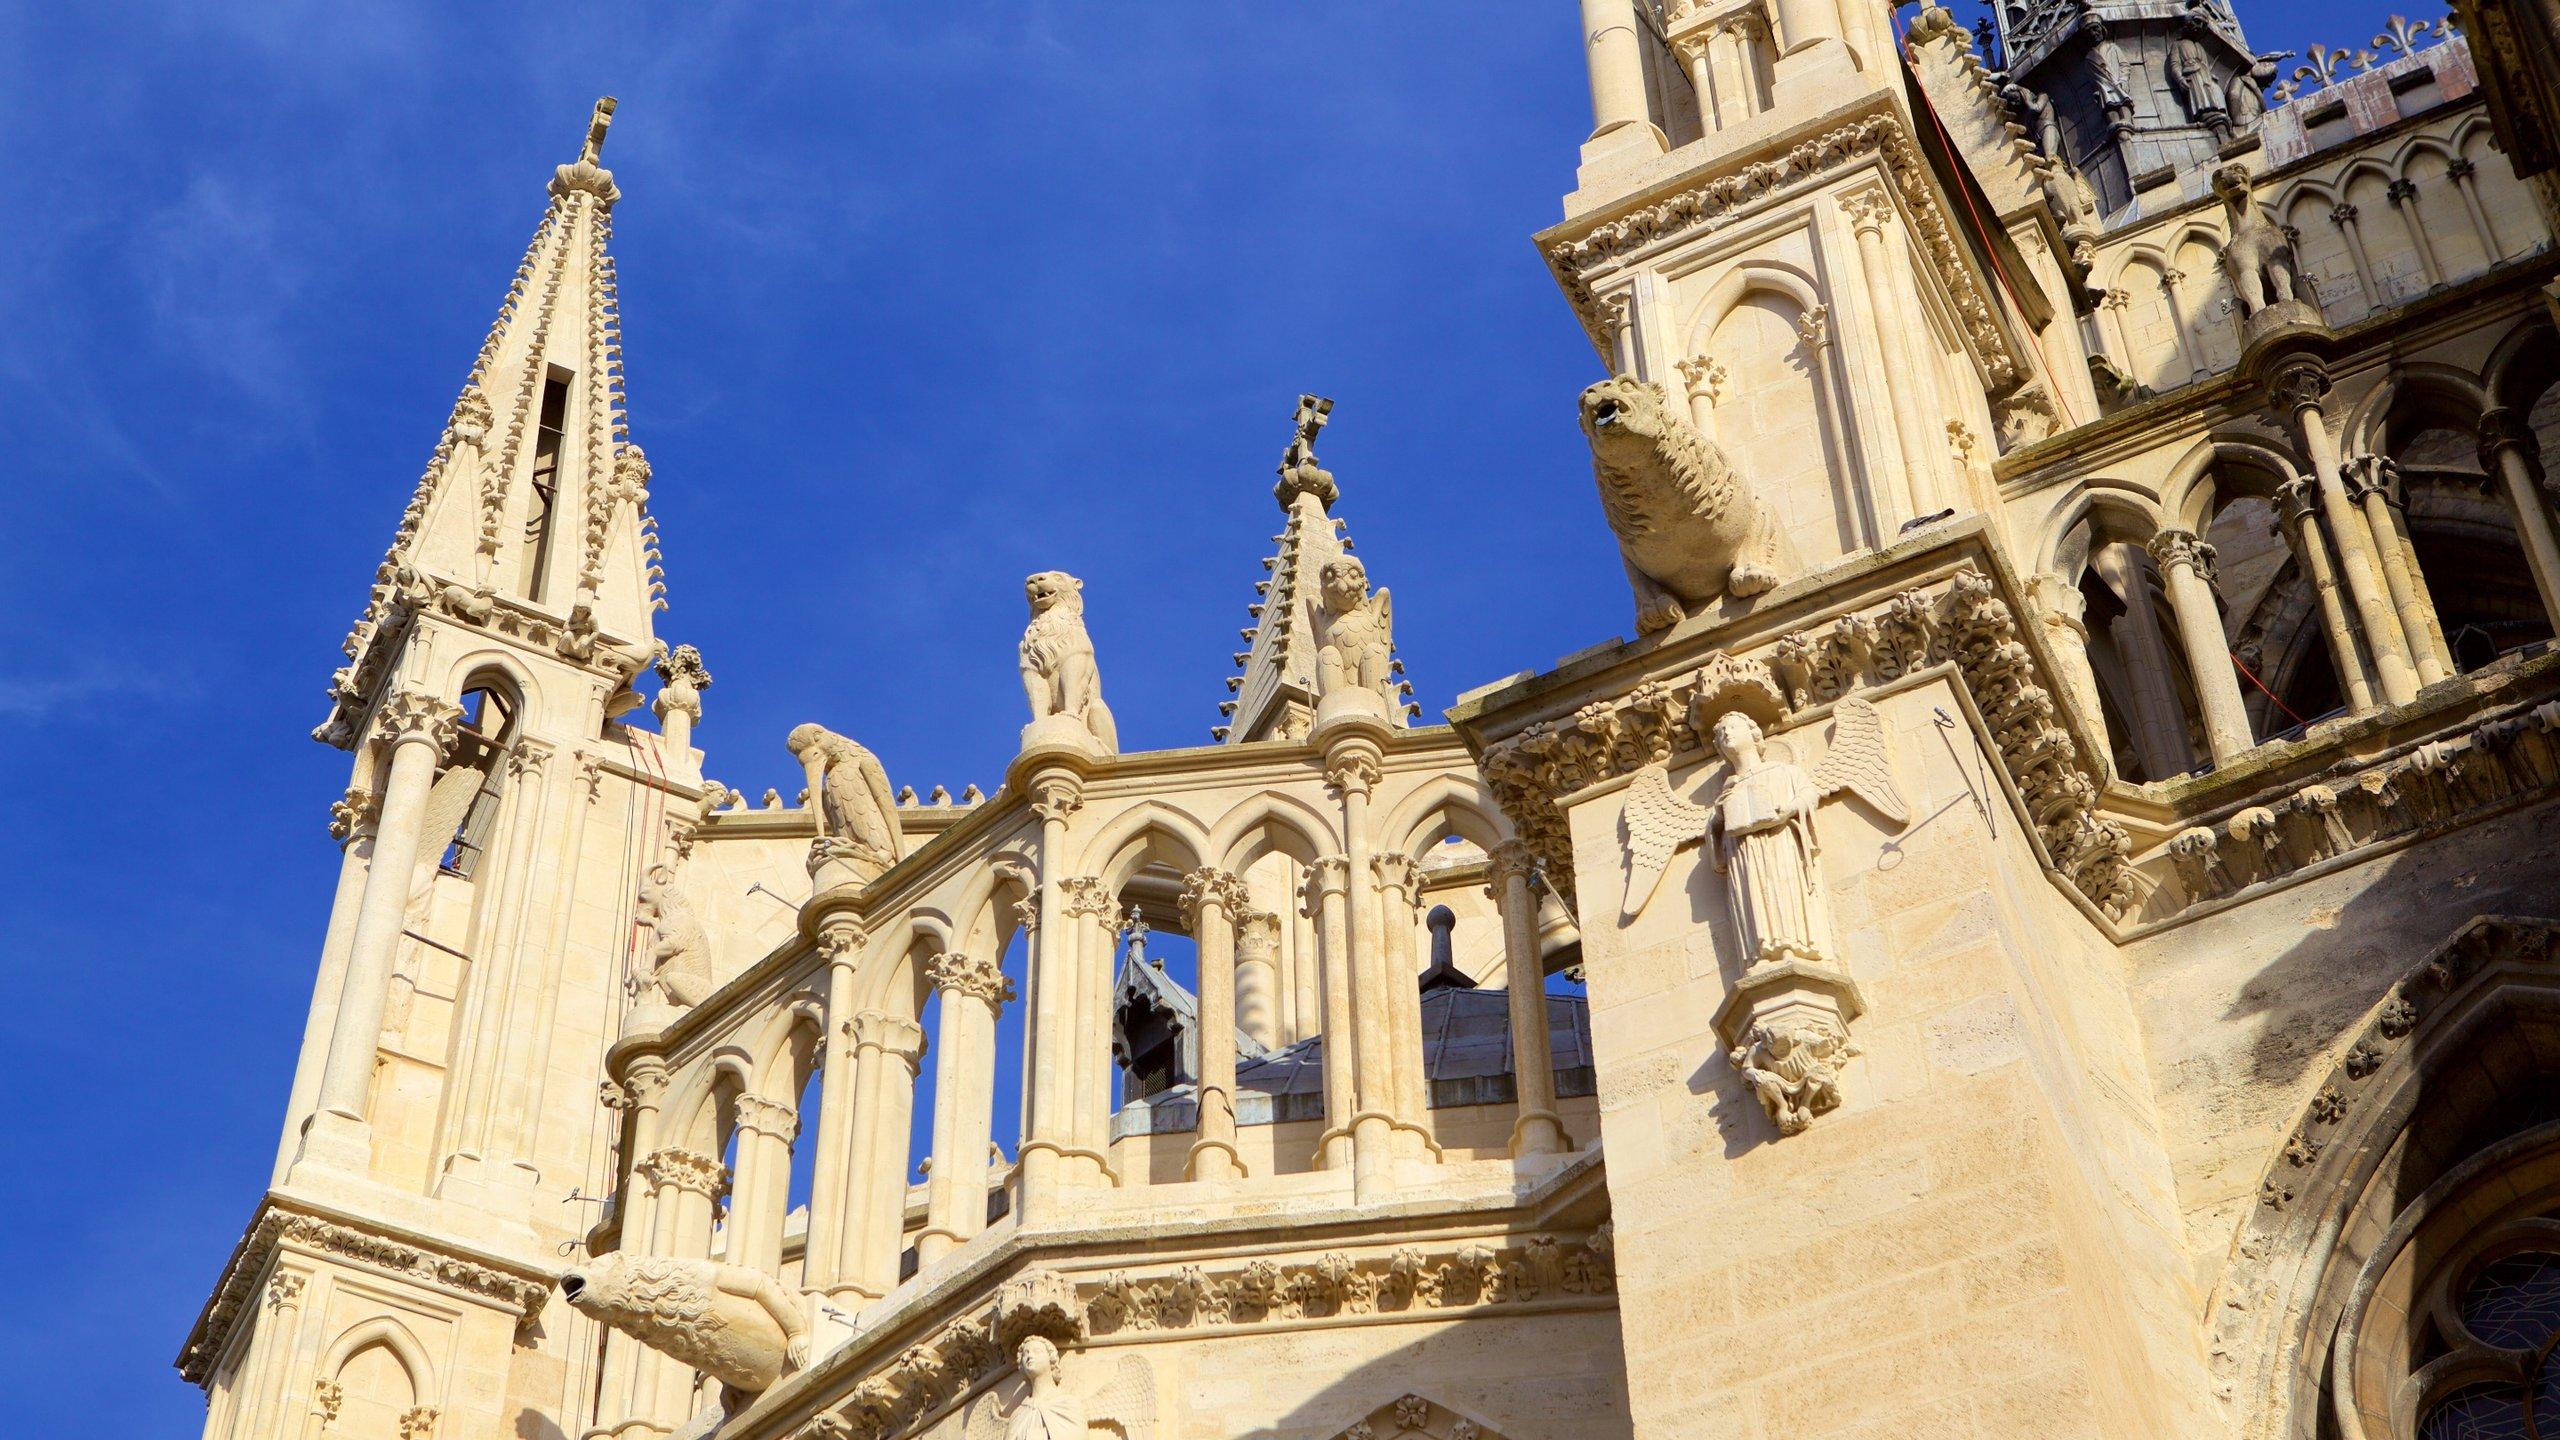 Erklimmen Sie die Türme dieser bemerkenswerten Kathedrale aus dem 13. Jahrhundert, die zu den bekanntesten religiösen Gebäuden in Frankreich gehört.